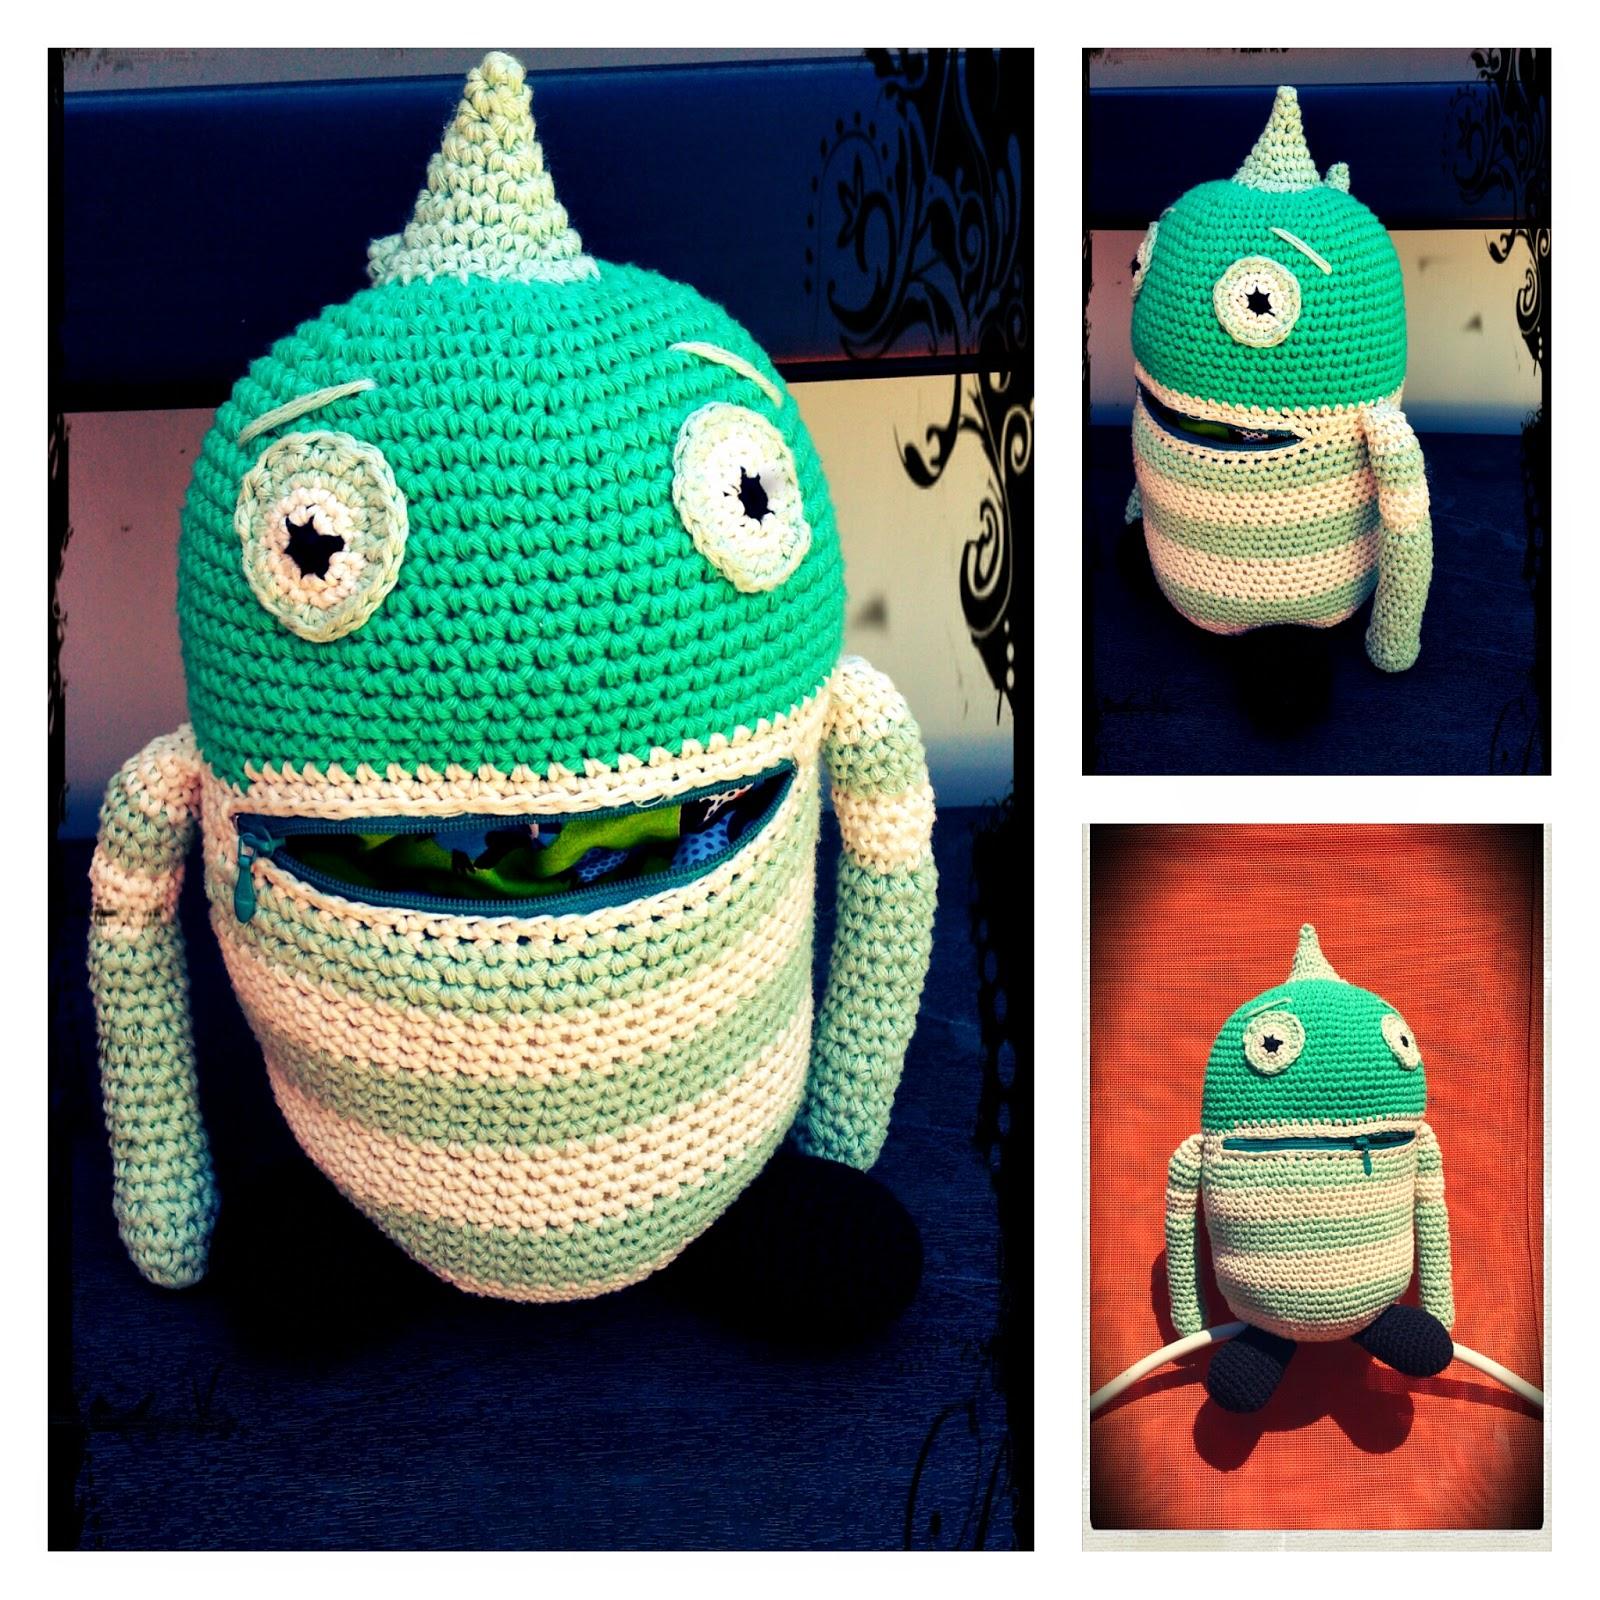 amigurumi-monstruo-comemiedos-crochet-